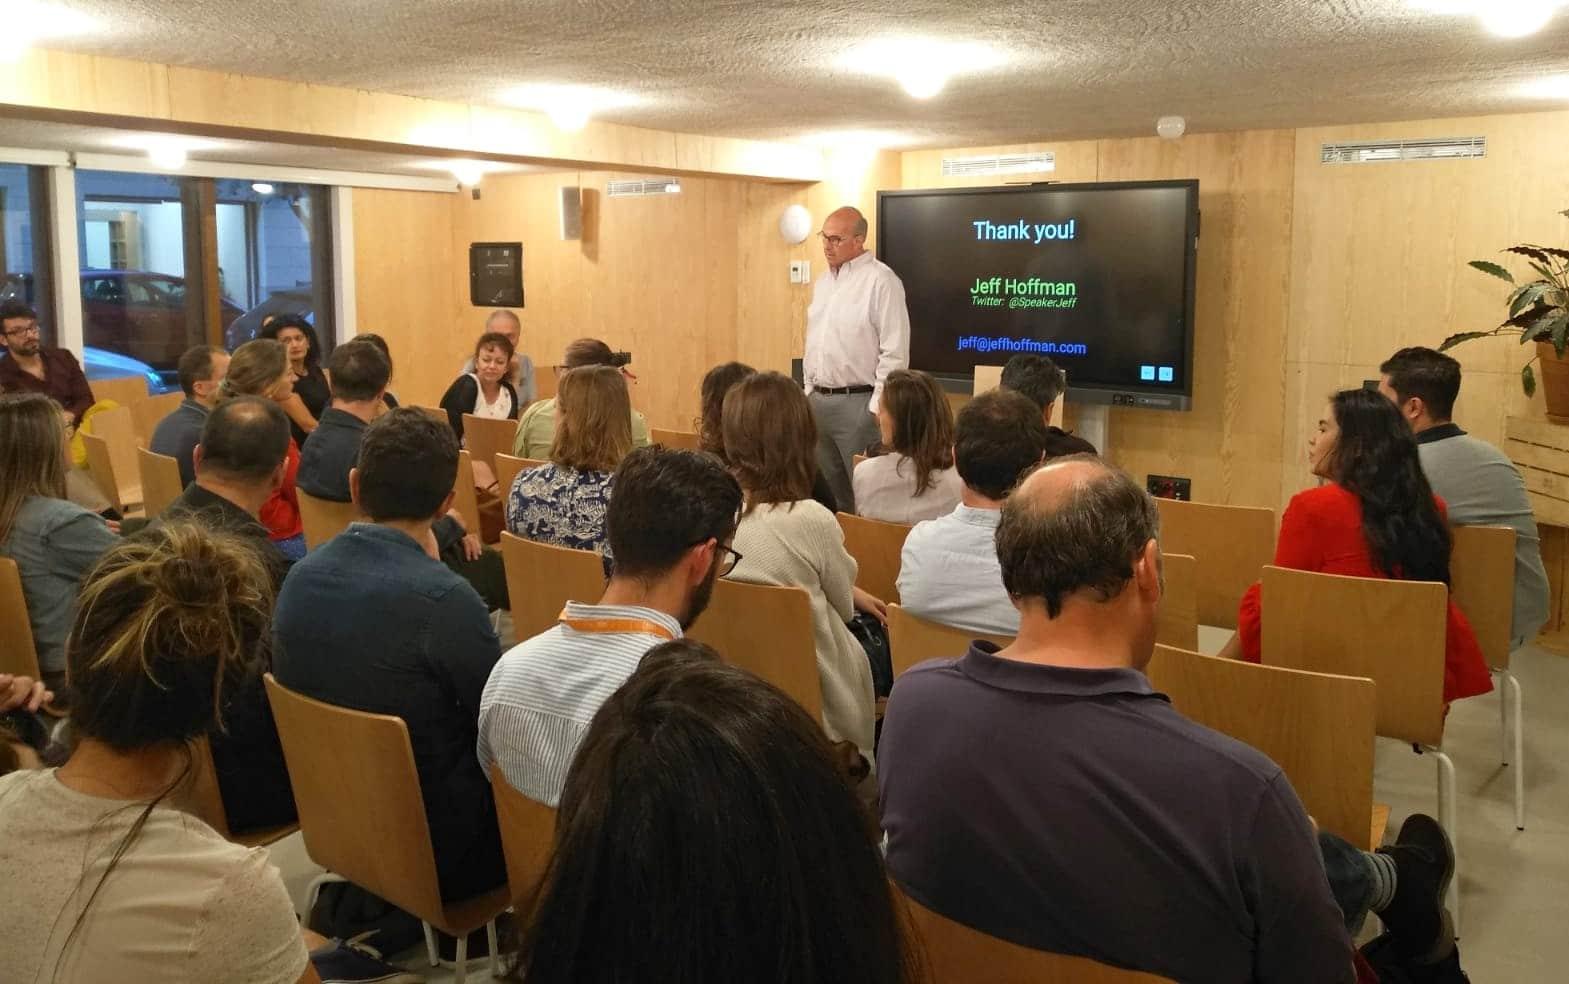 Jeff Hoffman en un encuentro sobre innovación y cómo inspirarla